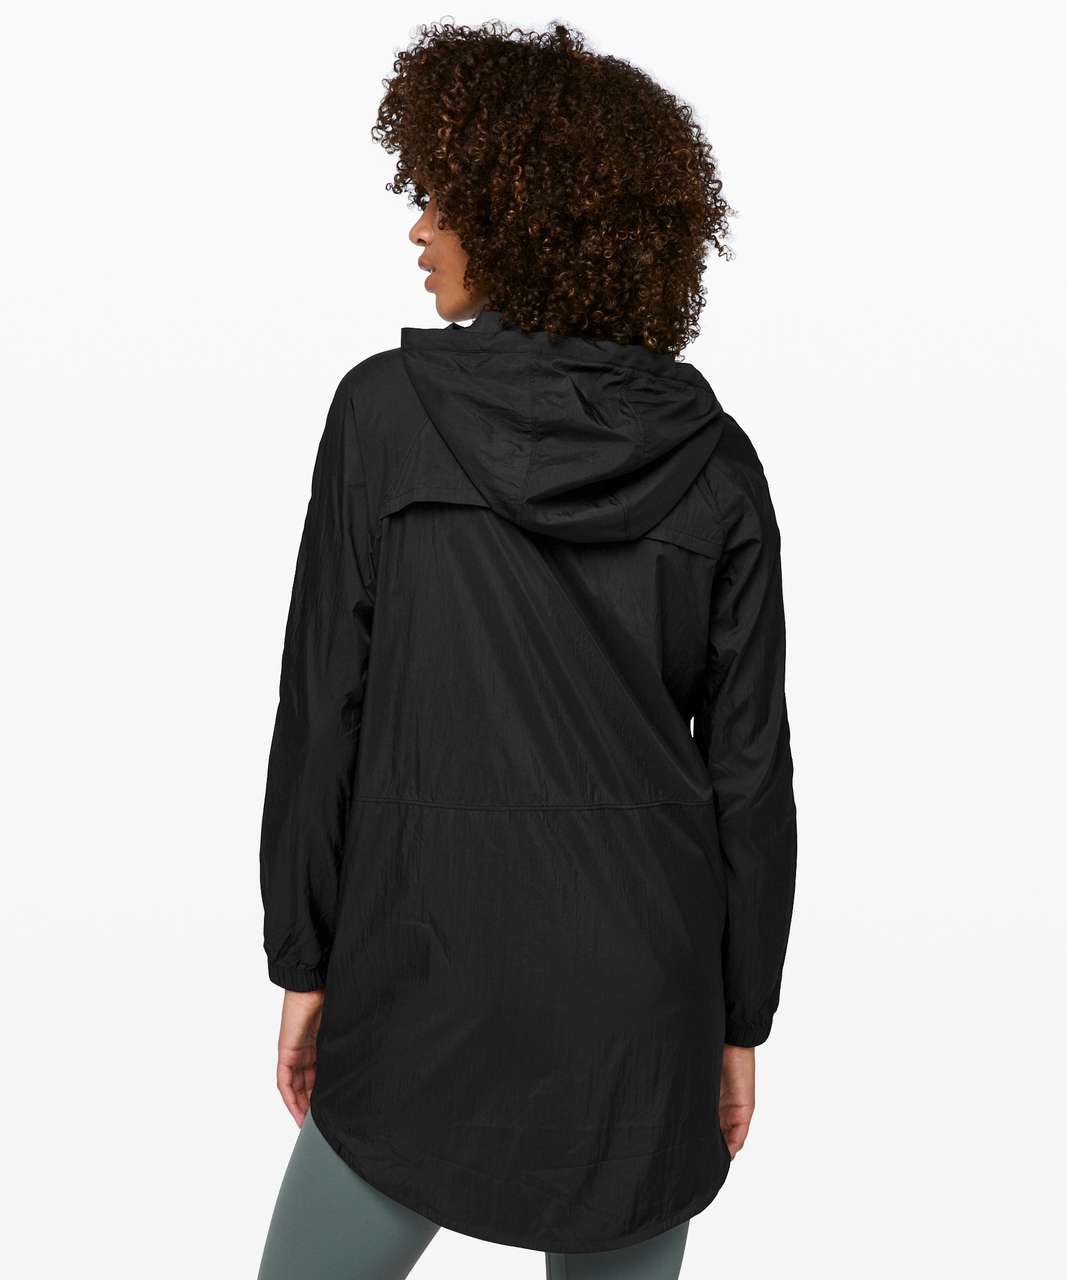 Lululemon Seek the Sky Jacket - Black